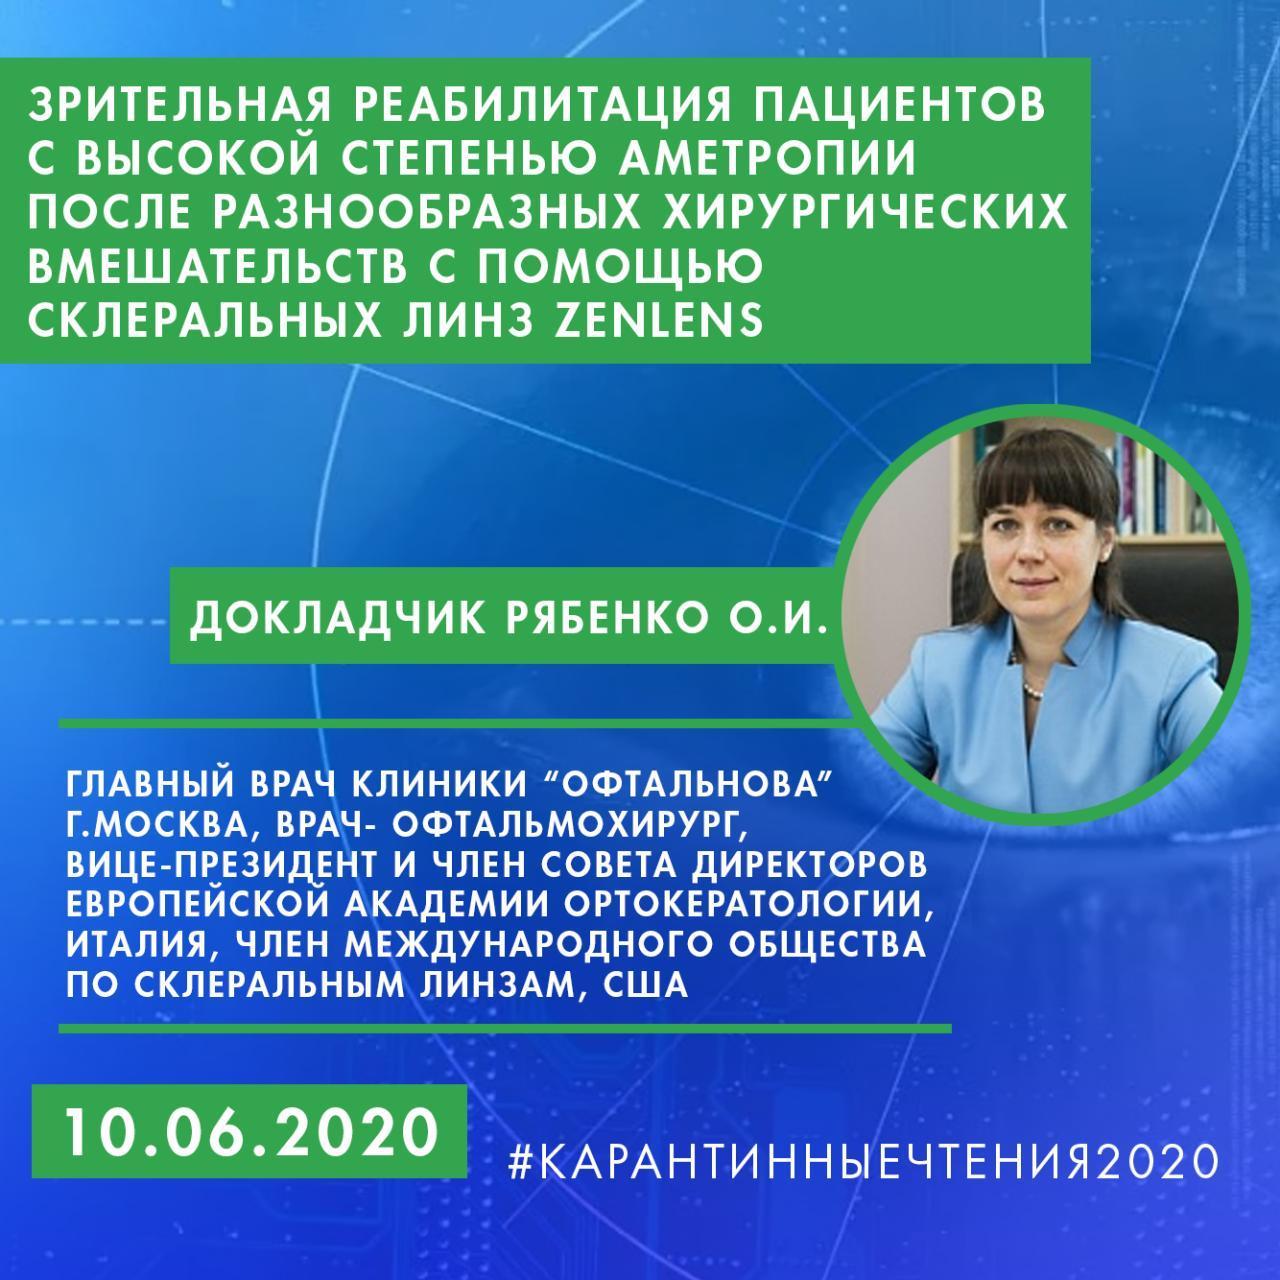 photo_2020-05-30_00-15-58